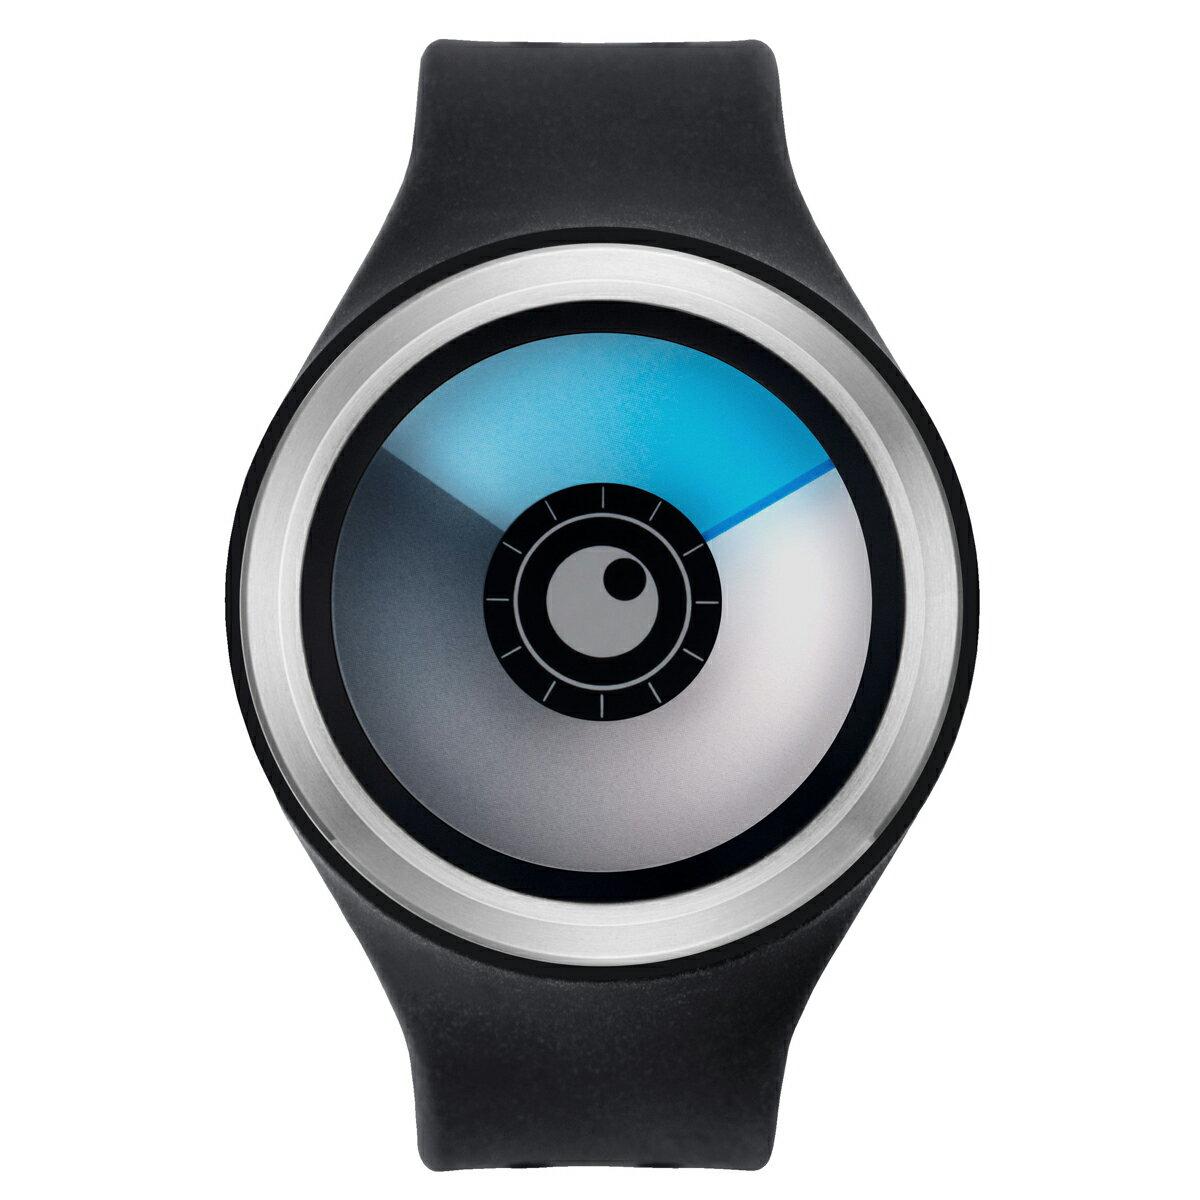 ZEROO AURORA BOREALIS ゼロ 電池式クォーツ 腕時計 [W00705B01SR02] ブラック デザインウォッチ ペア用 メンズ レディース ユニセックス おしゃれ時計 デザイナーズ